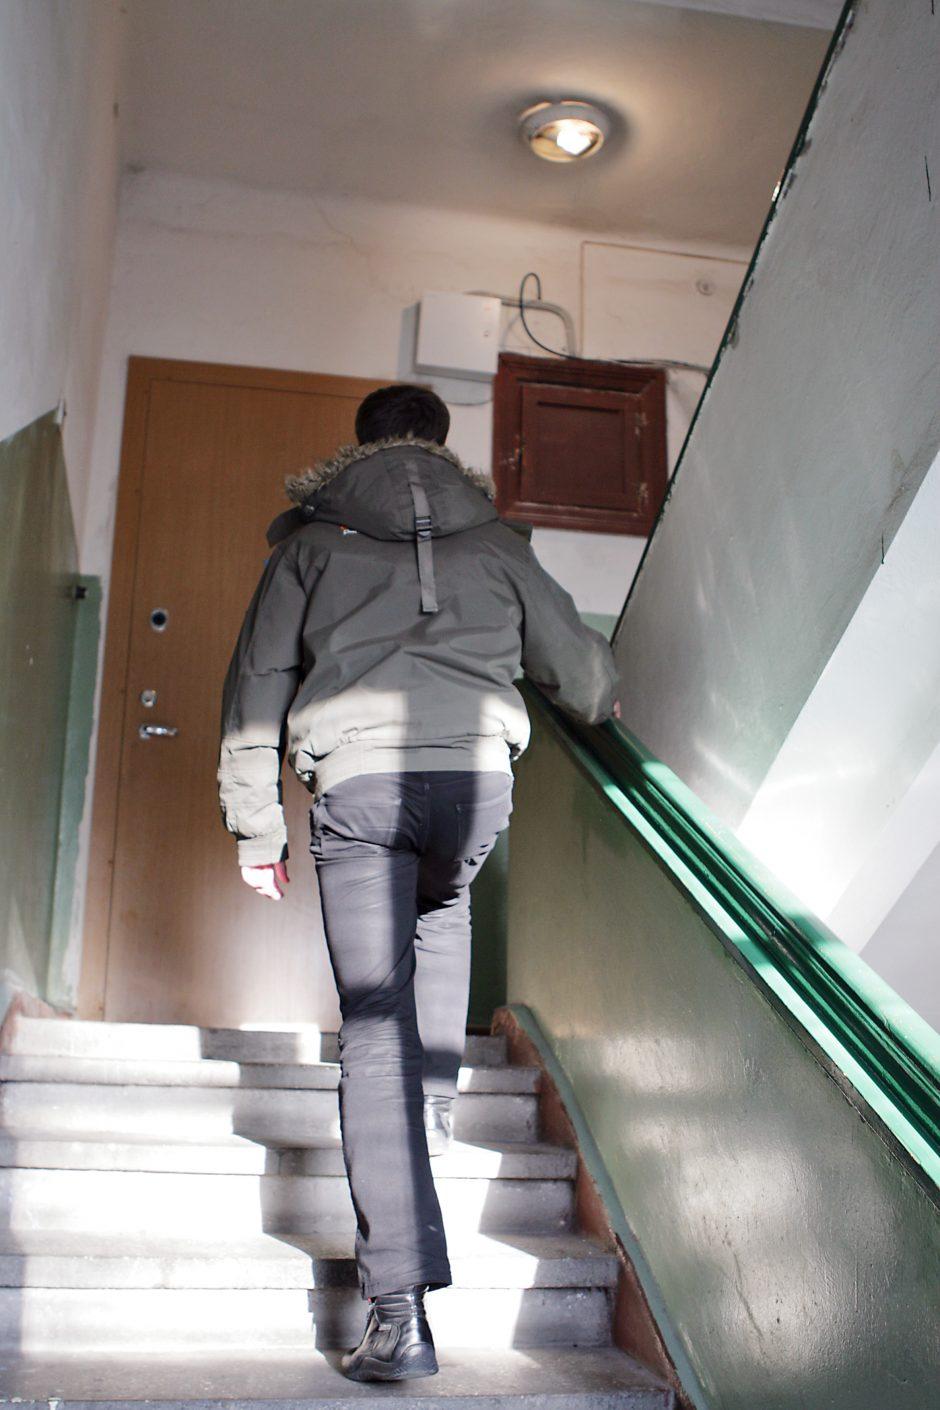 Gyventojai sunerimę: į butus bando įsiveržti nepažįstamasis